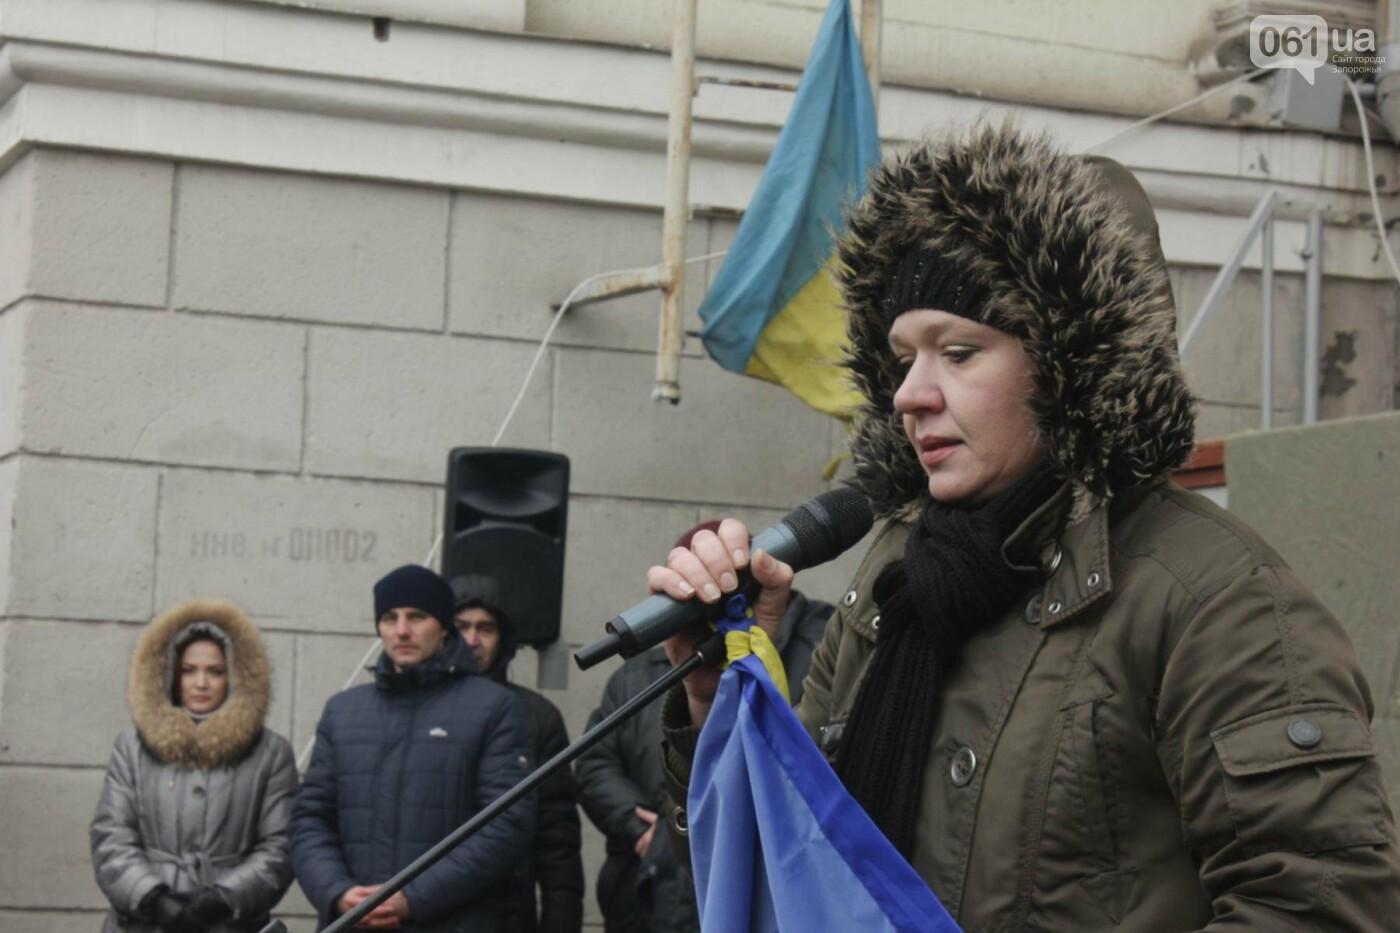 В Запорожье актеры на улице читали стихи о Майдане, - ФОТОРЕПОРТАЖ, фото-4